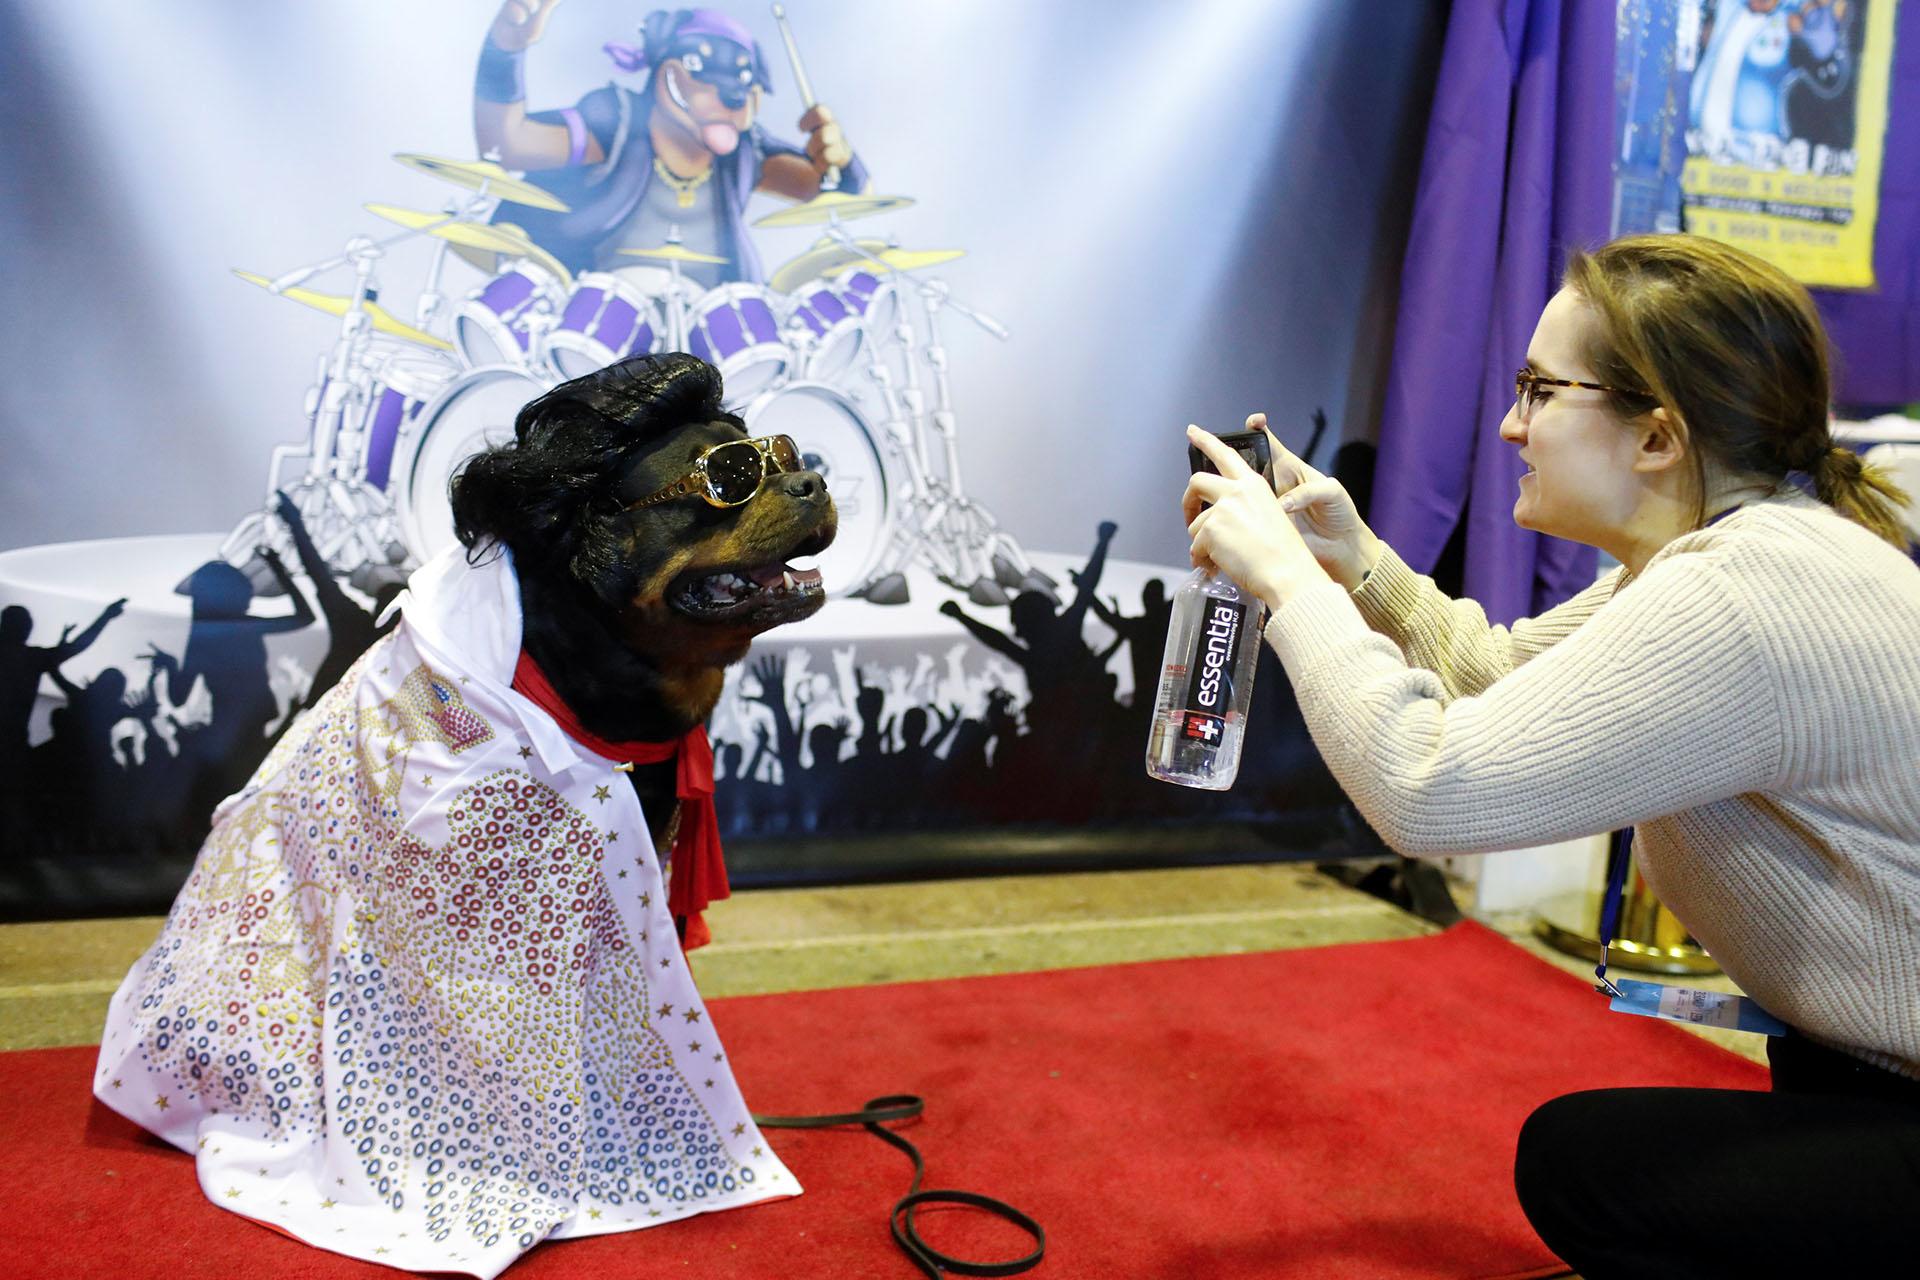 """Talos, un rottweiler, posa en la cabina """"Rottapalooza"""" de la raza, disfrazado como Elvis Presley"""